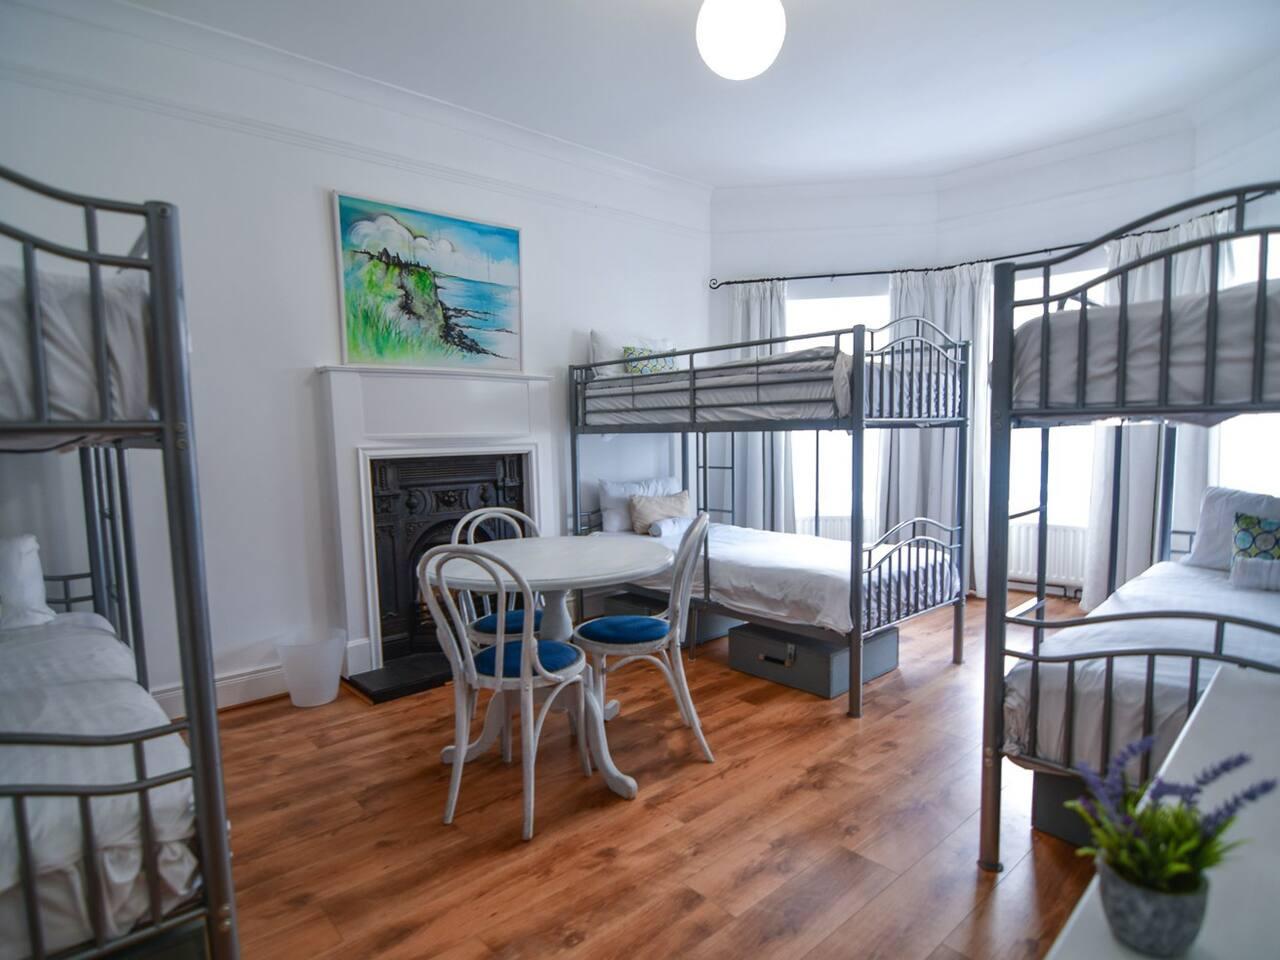 Private Room (sleeps 4, 5 or 6 people) - shared bathroom